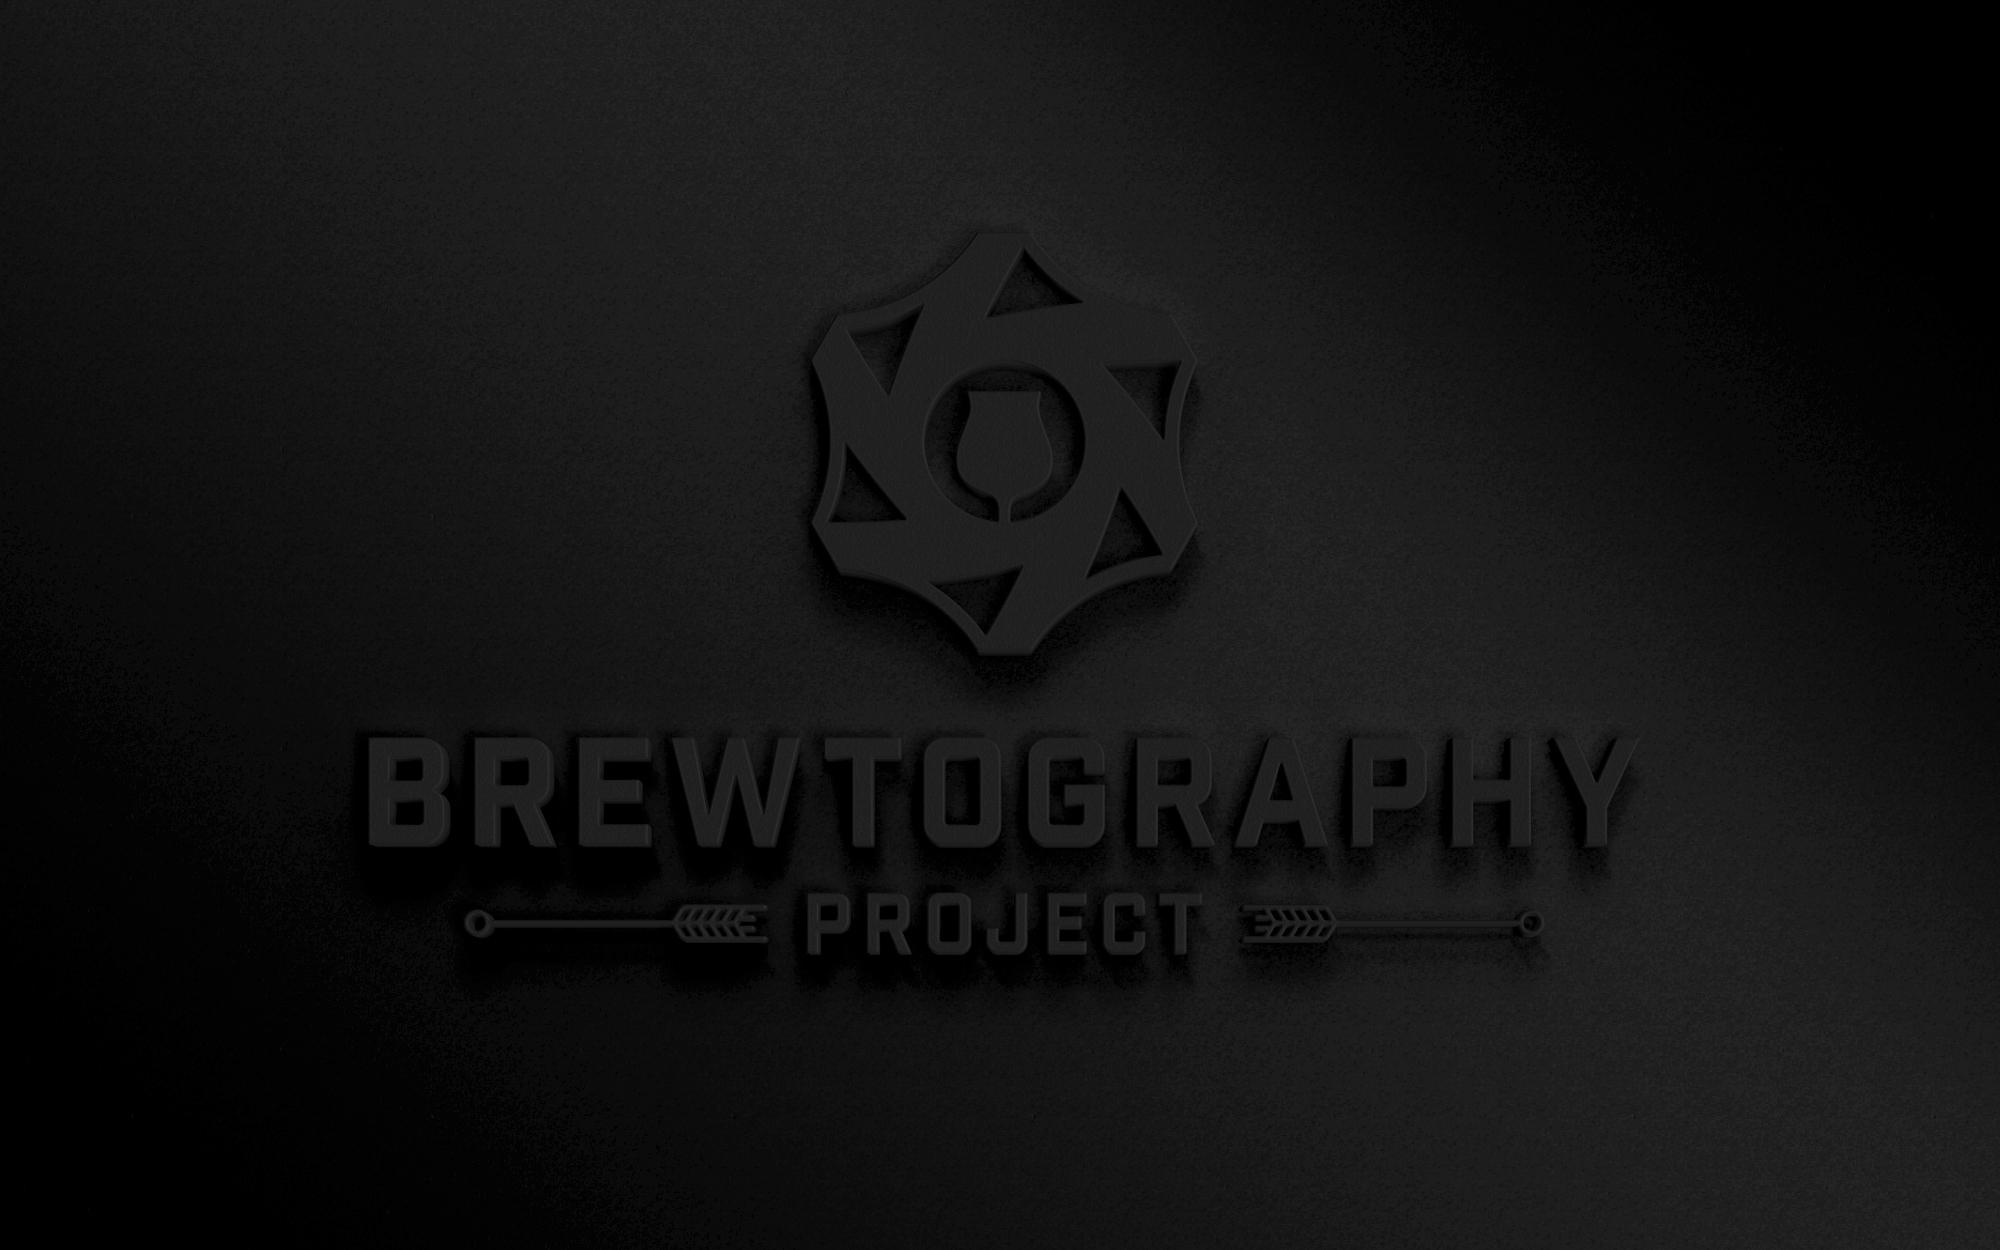 BrewtographyProject_LogoAnnouncement.jpg